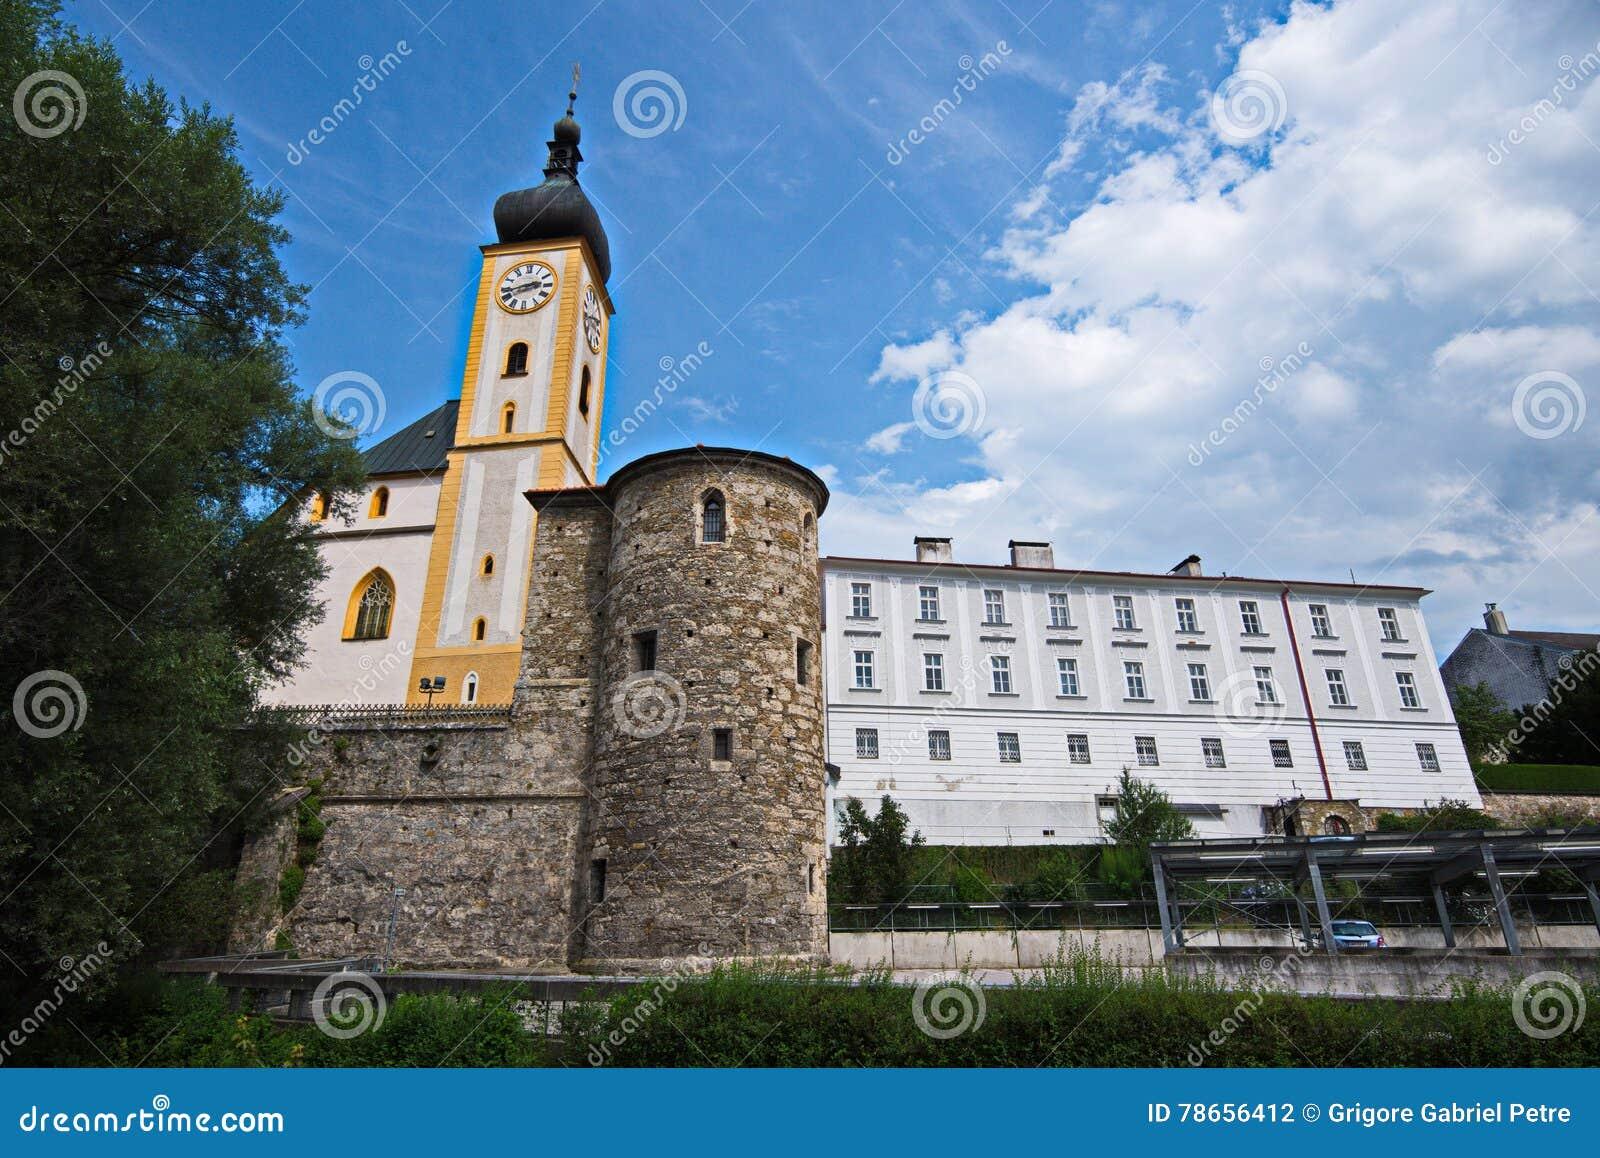 Schloss Rothschild - Schloss im Österreich